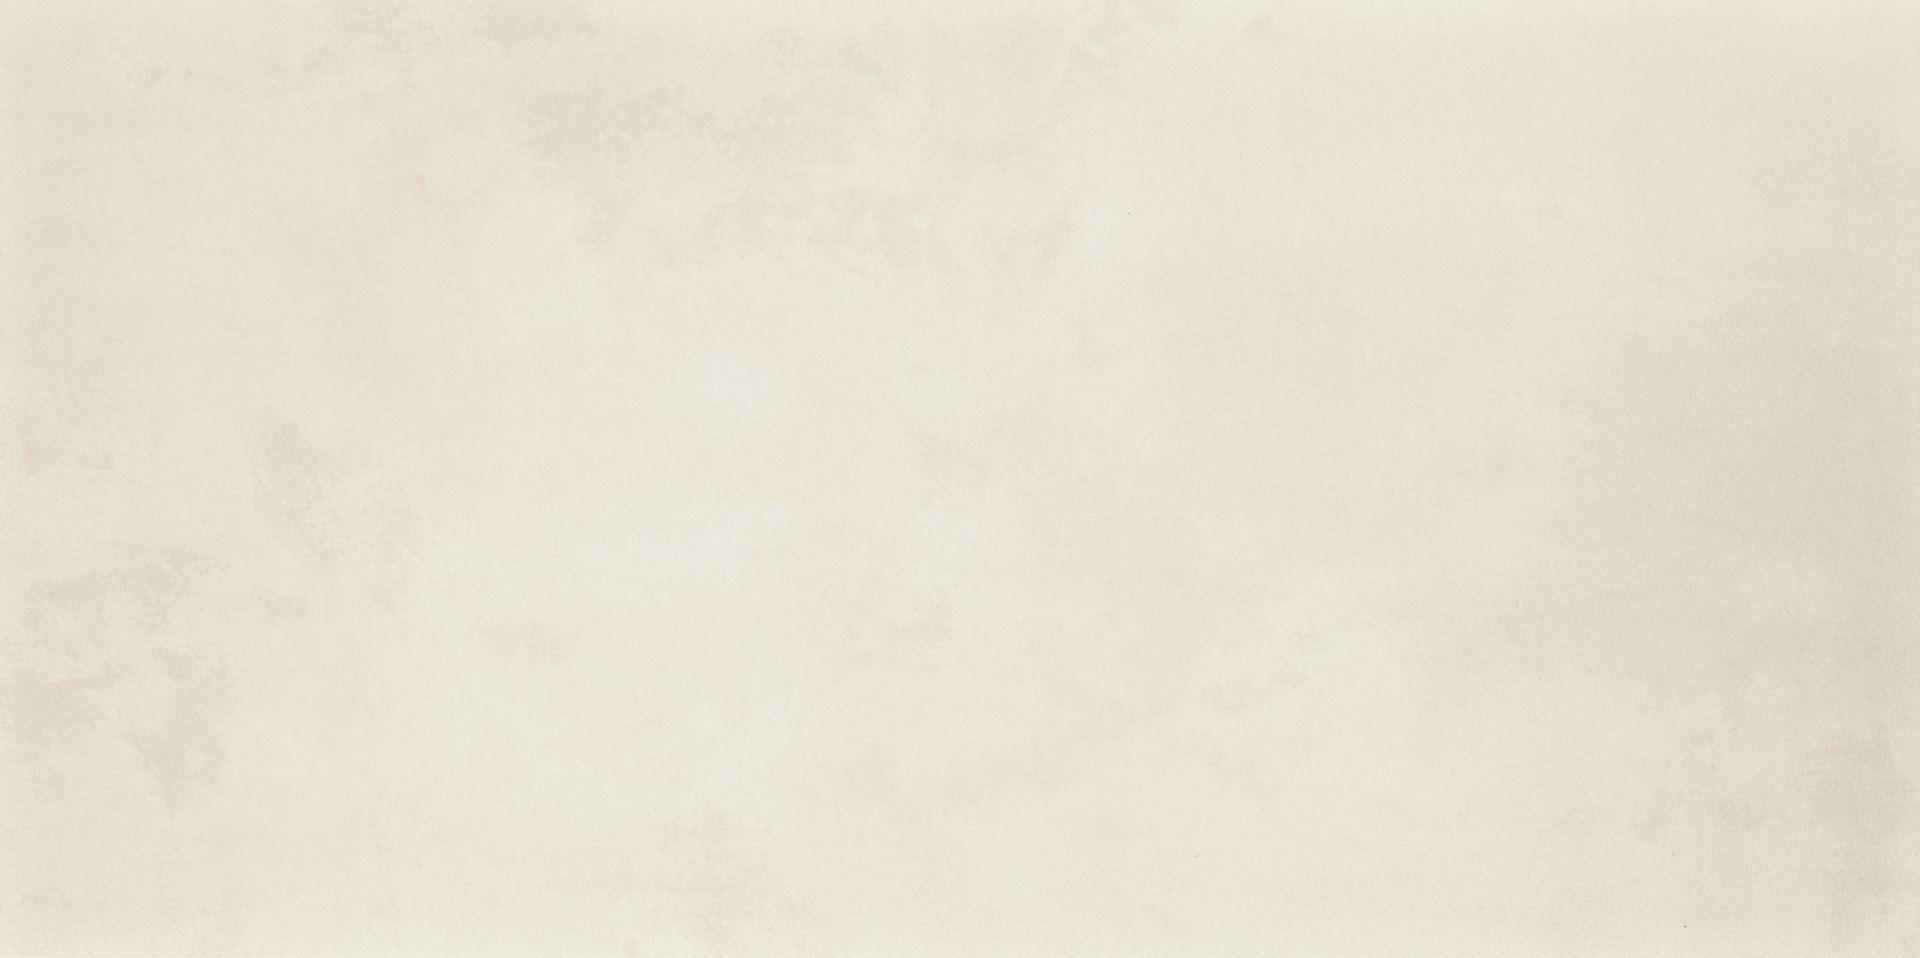 Płytka podłogowa gres tecniq bianco